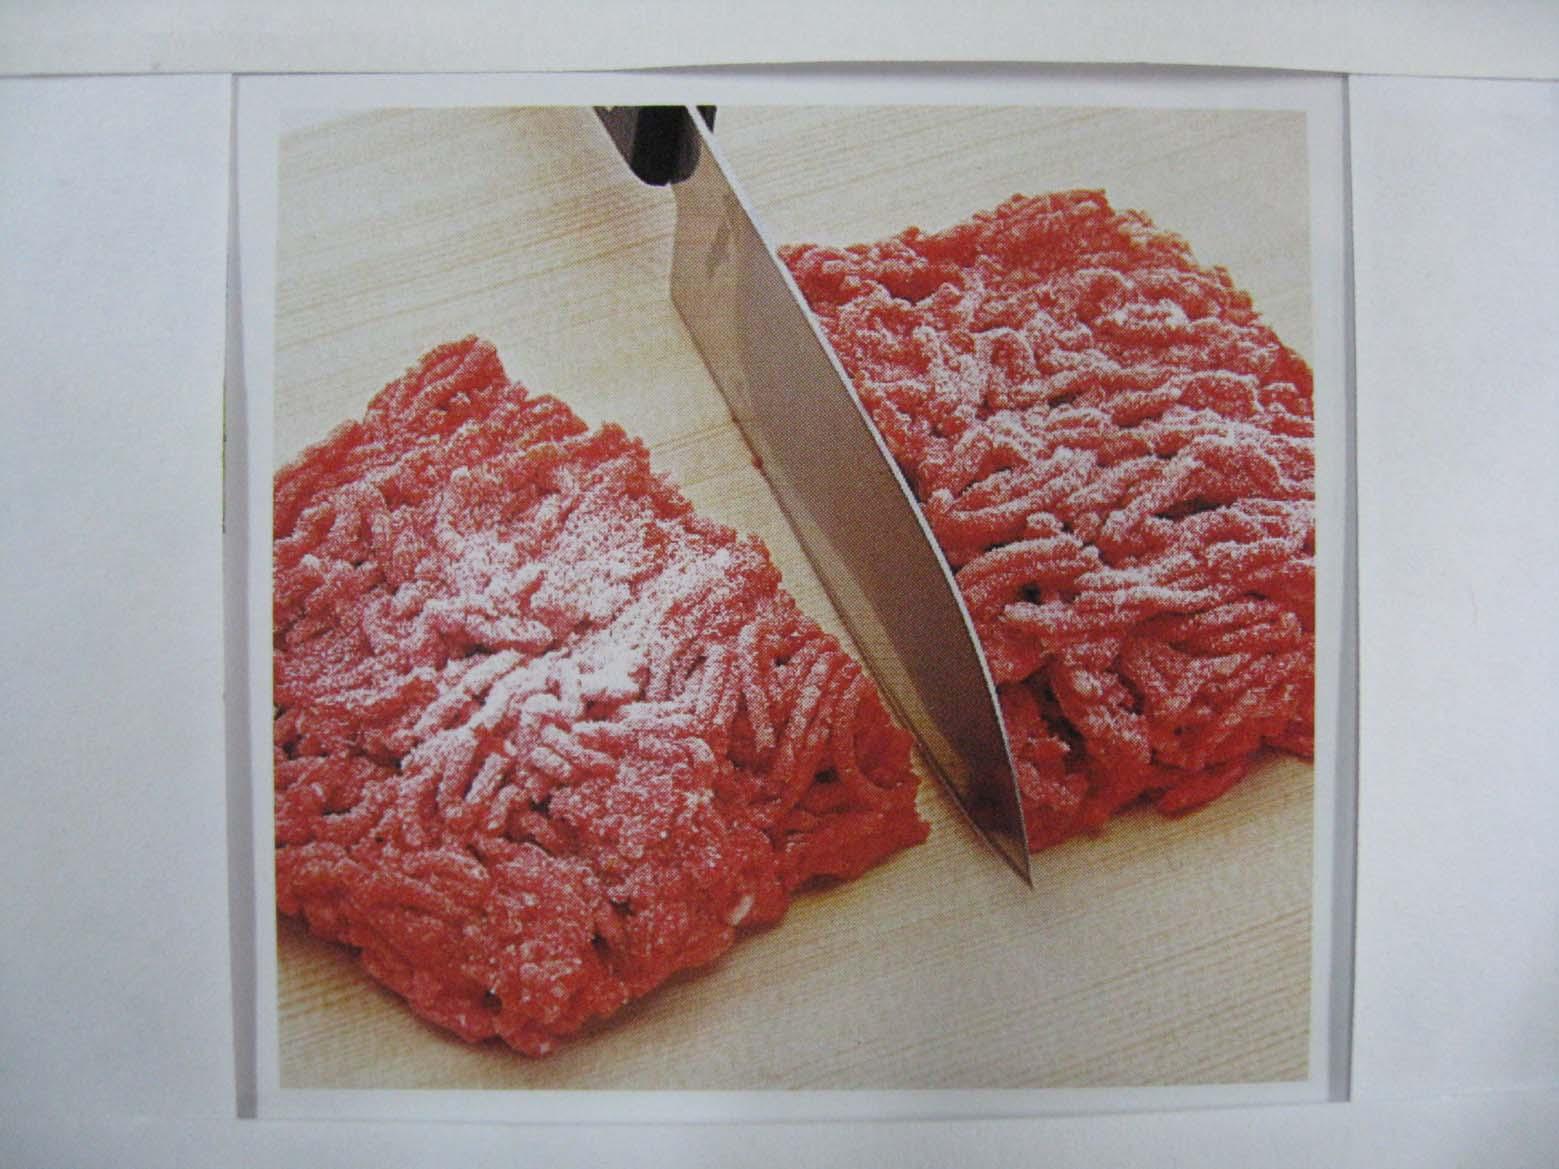 カタログ通りの冷凍ミンチ肉!_e0142313_13402712.jpg